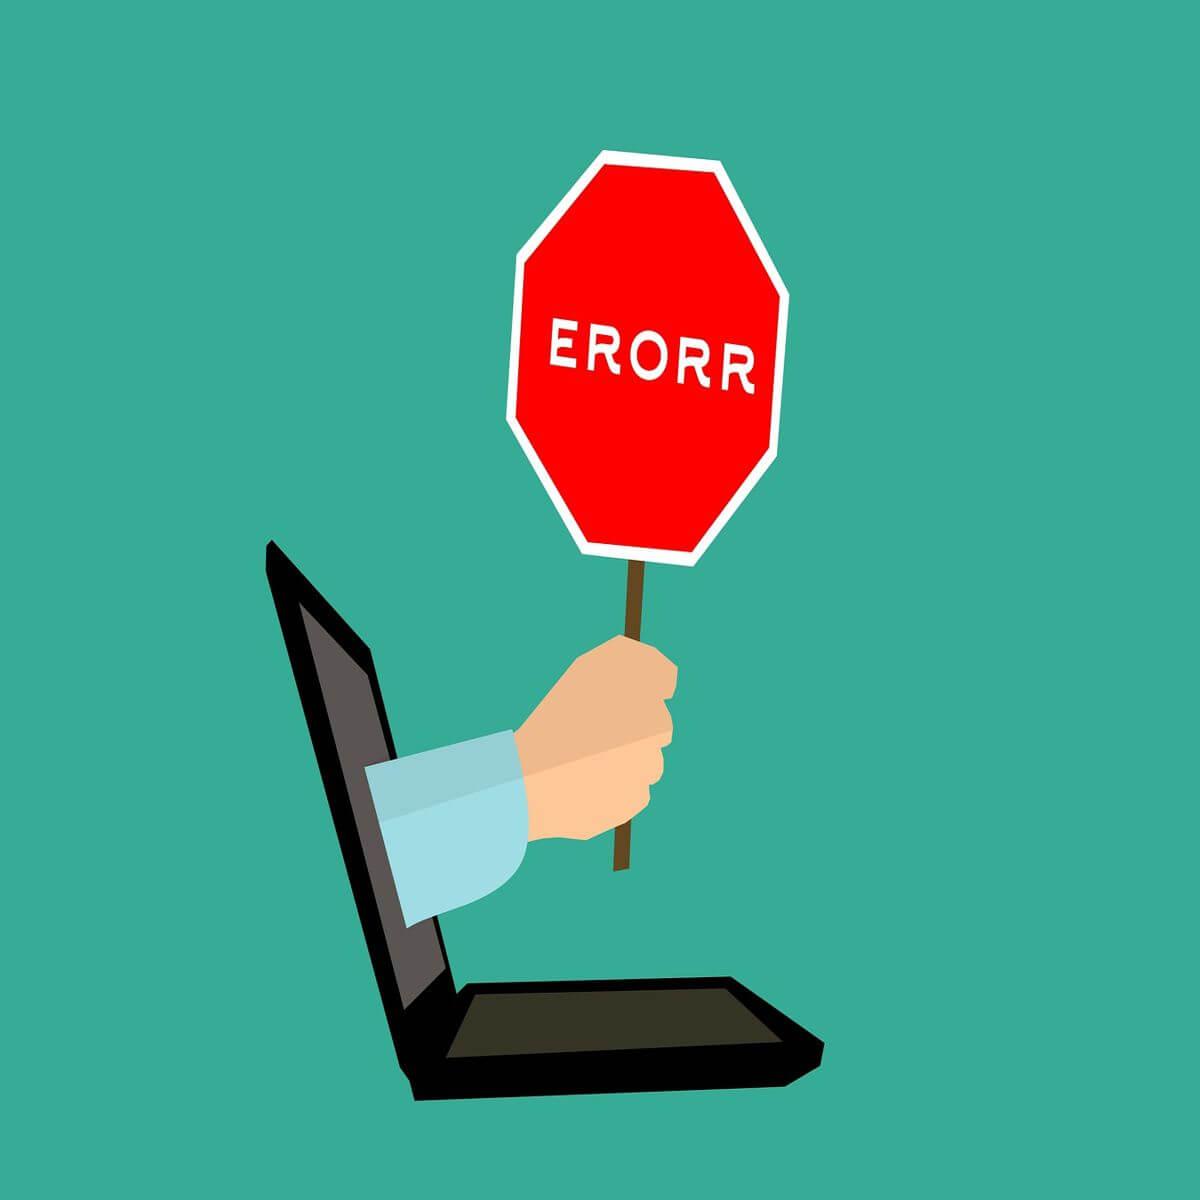 Ddkmd.sys errores de pantalla azul en Windows